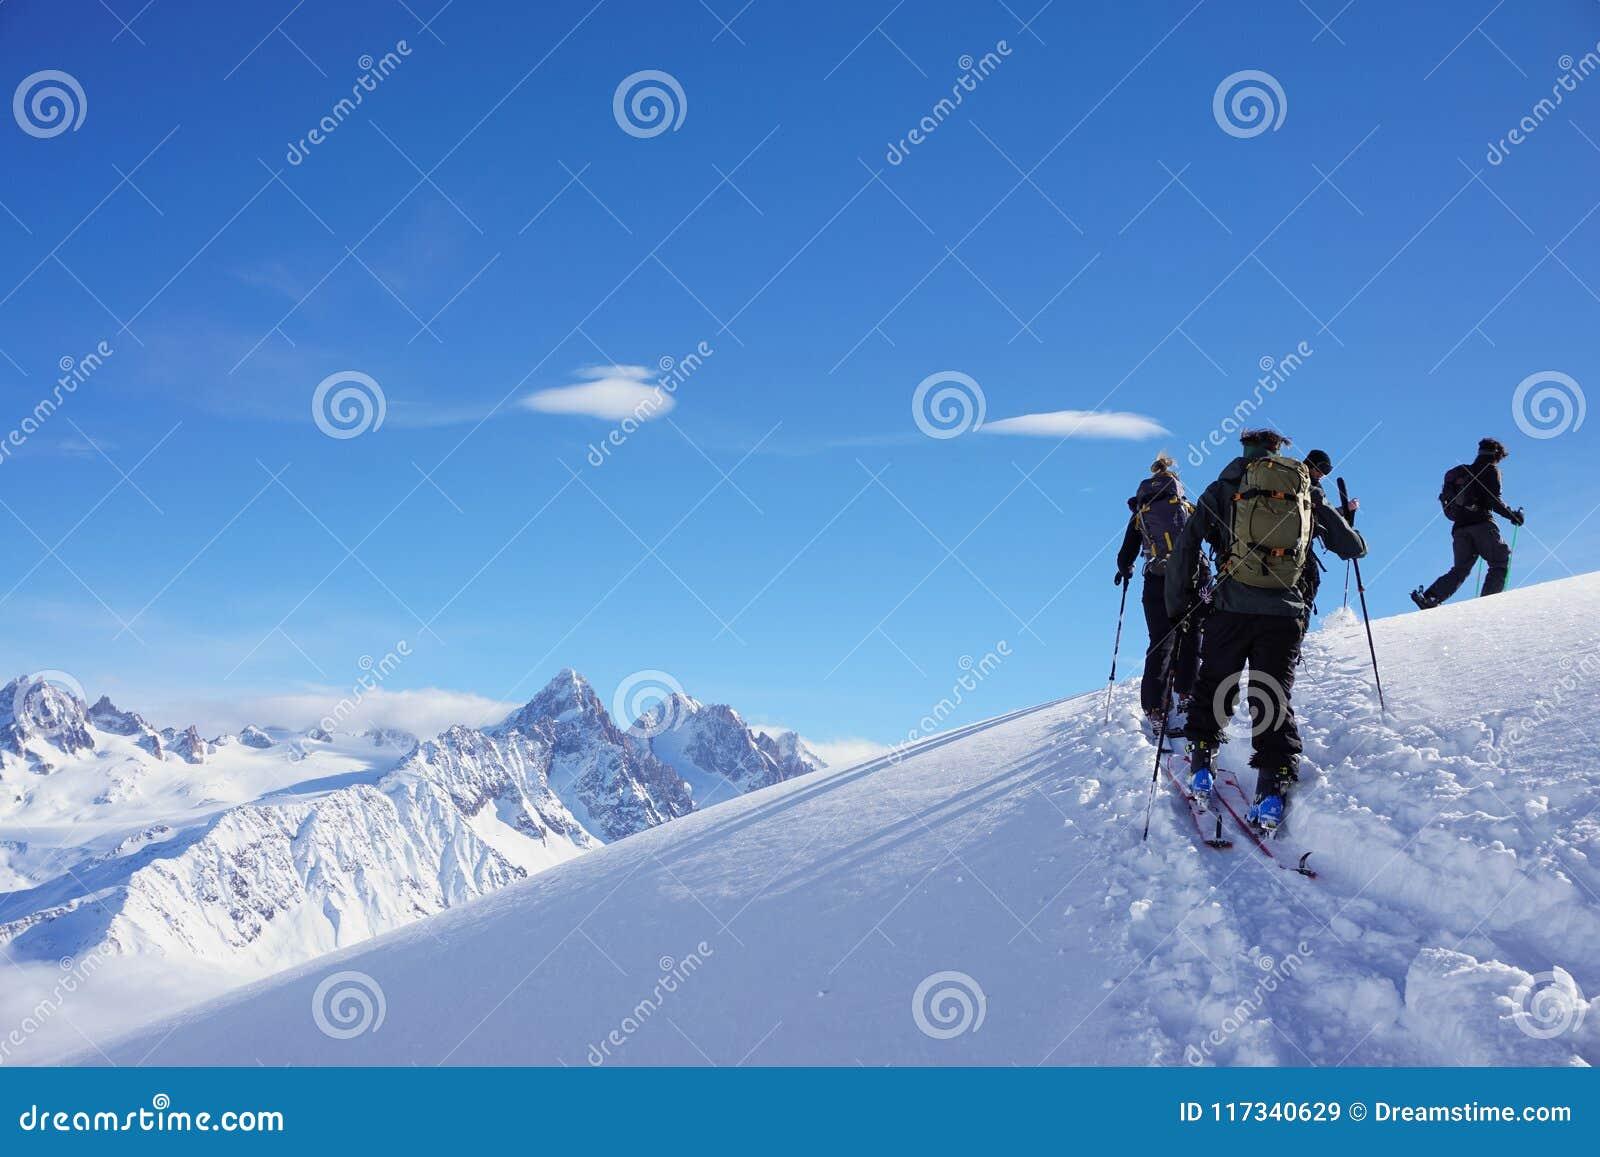 Mountain views in Chamonix while Ski Touring